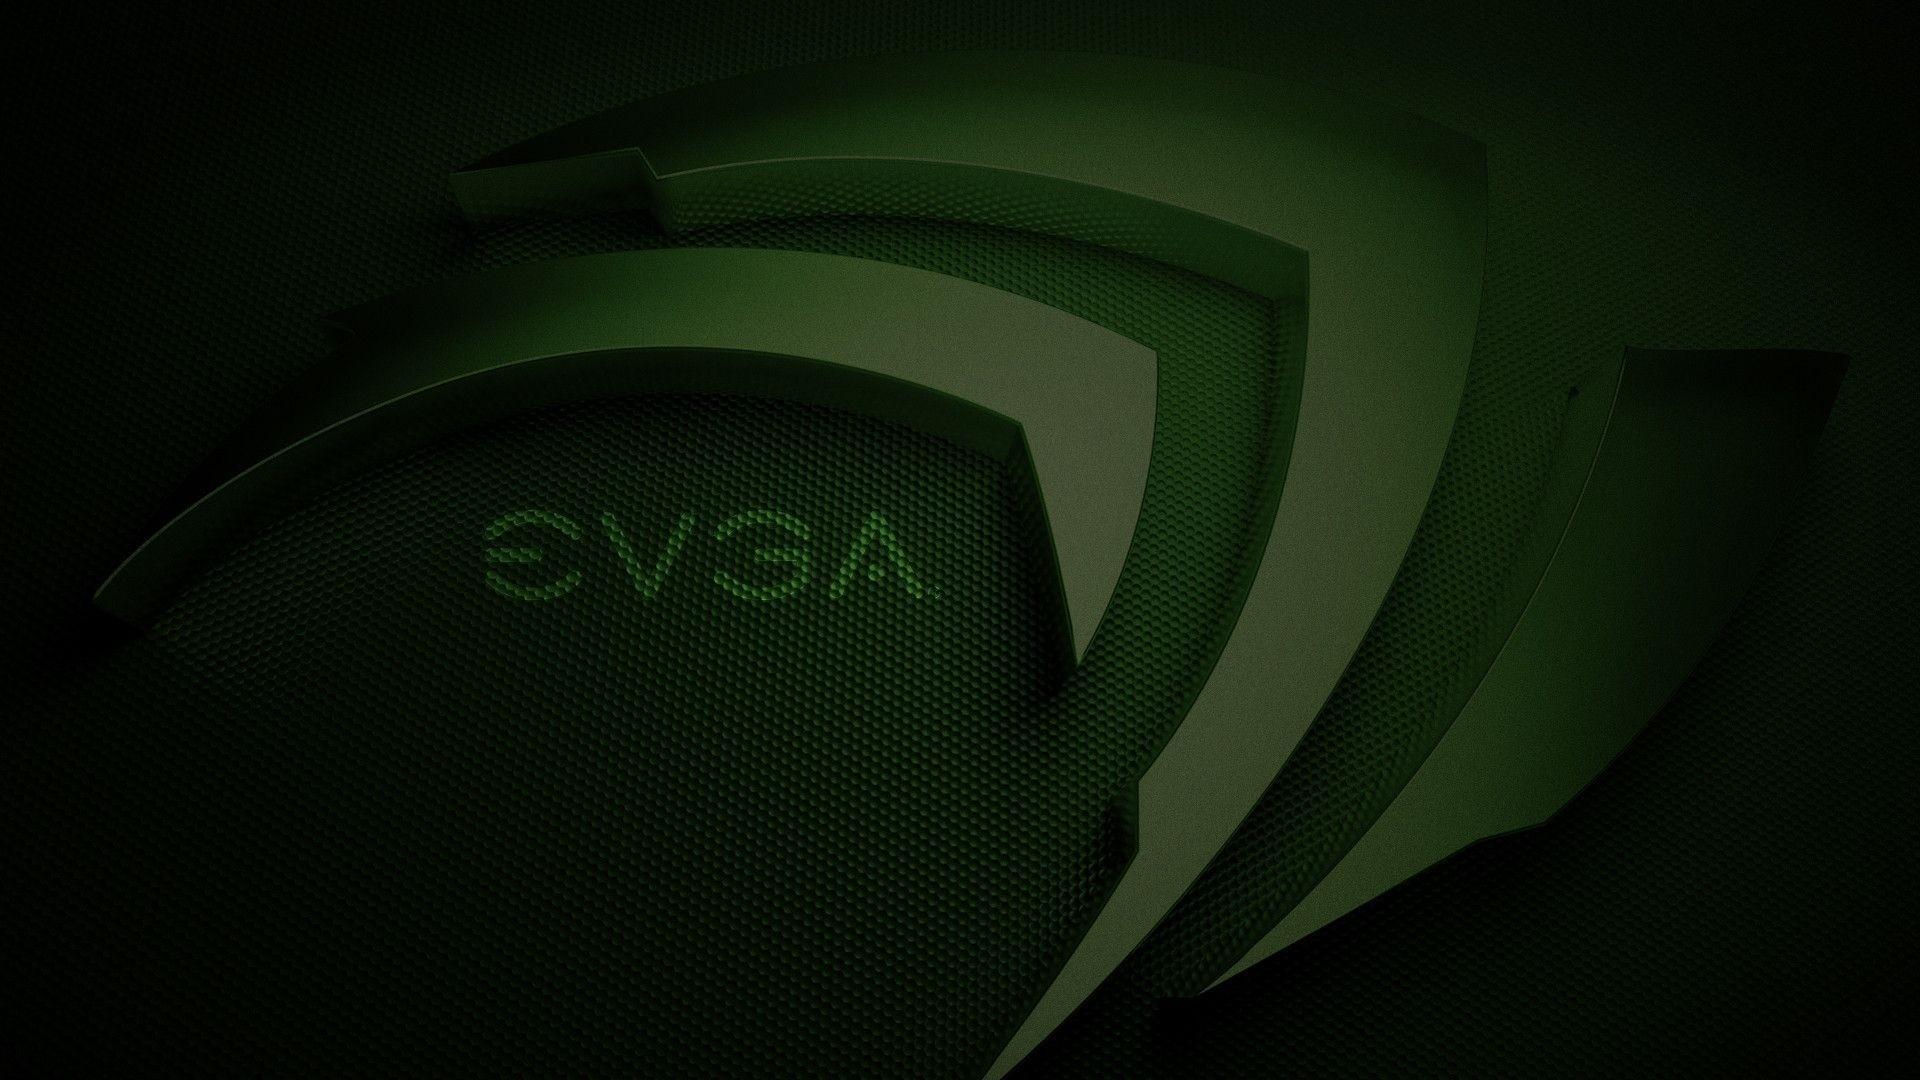 Nvidia hd wallpaper download